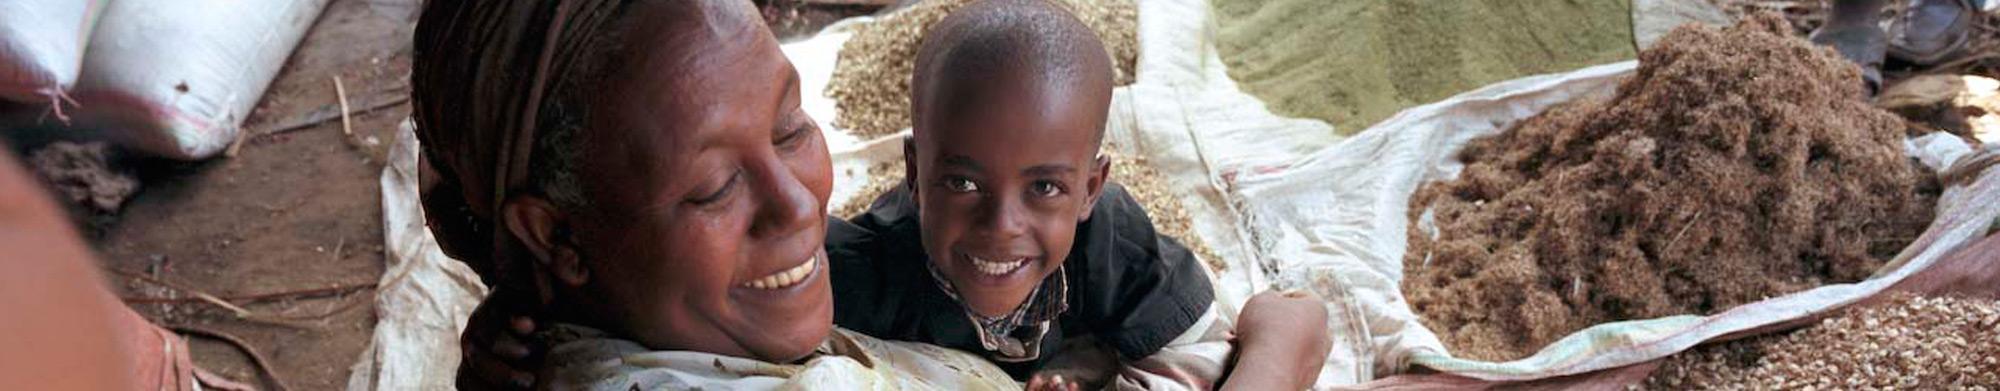 Yo hago una donación a SOS Faim - step 3